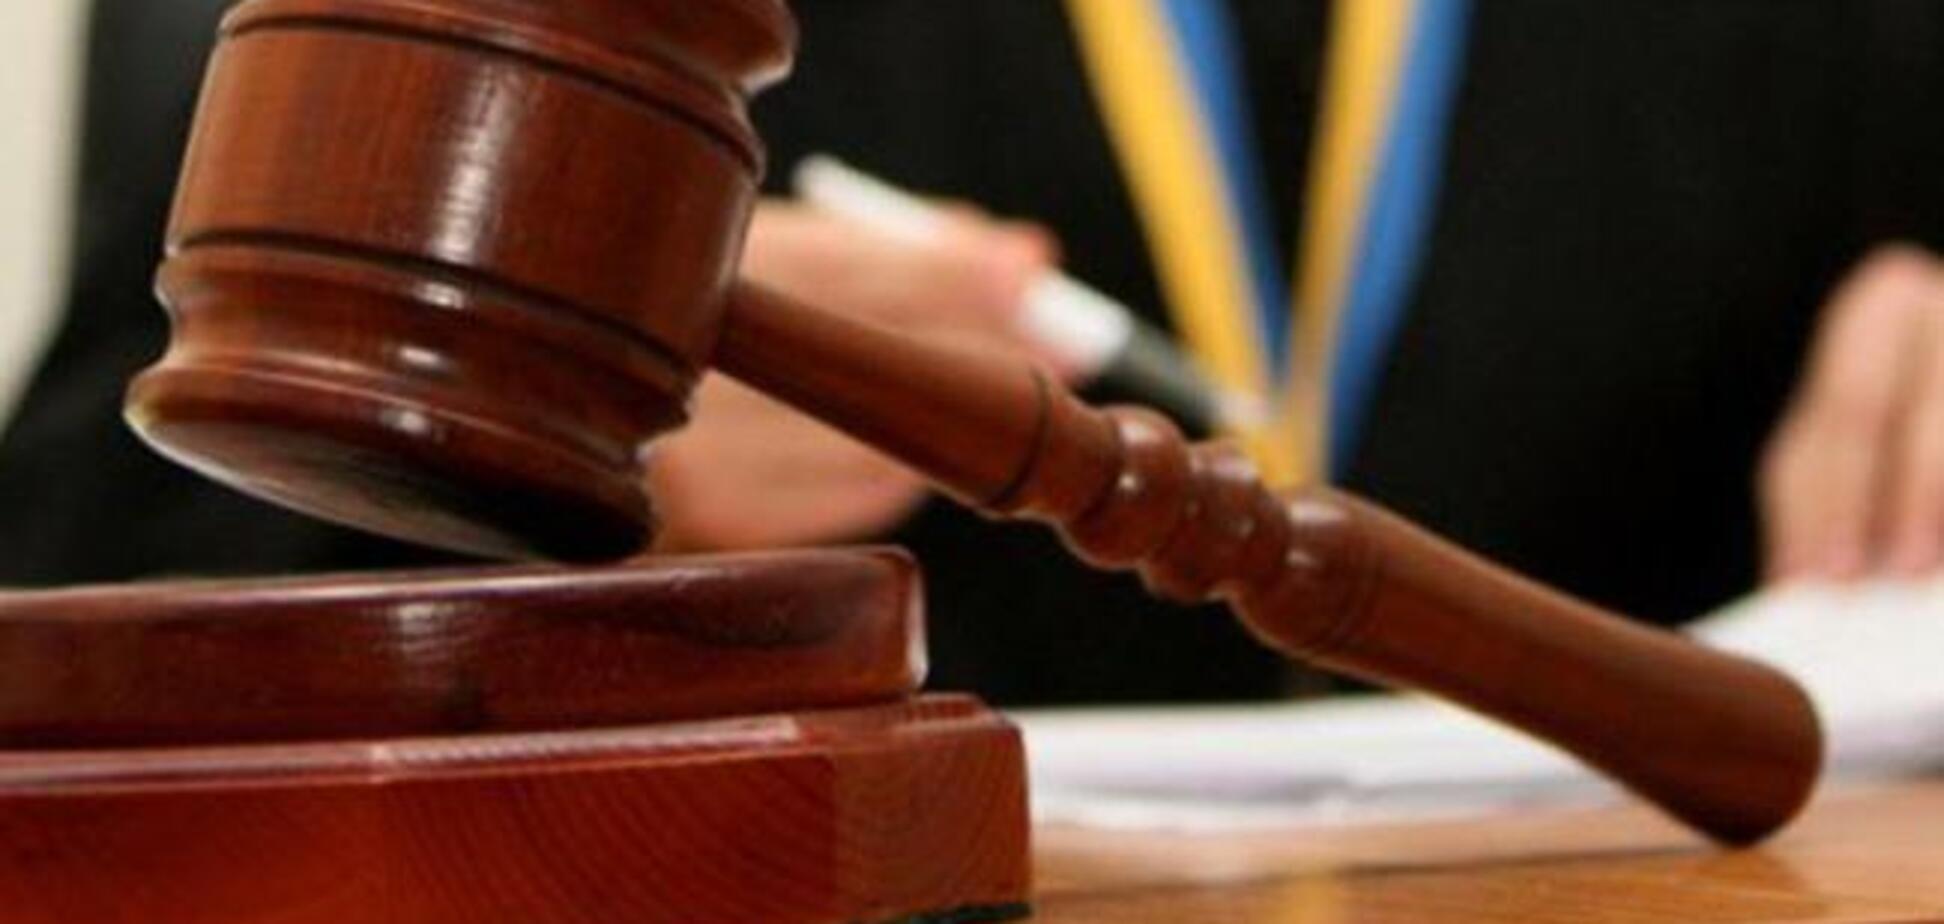 Дело против Насирова: САП передала обвинительный акт в суд